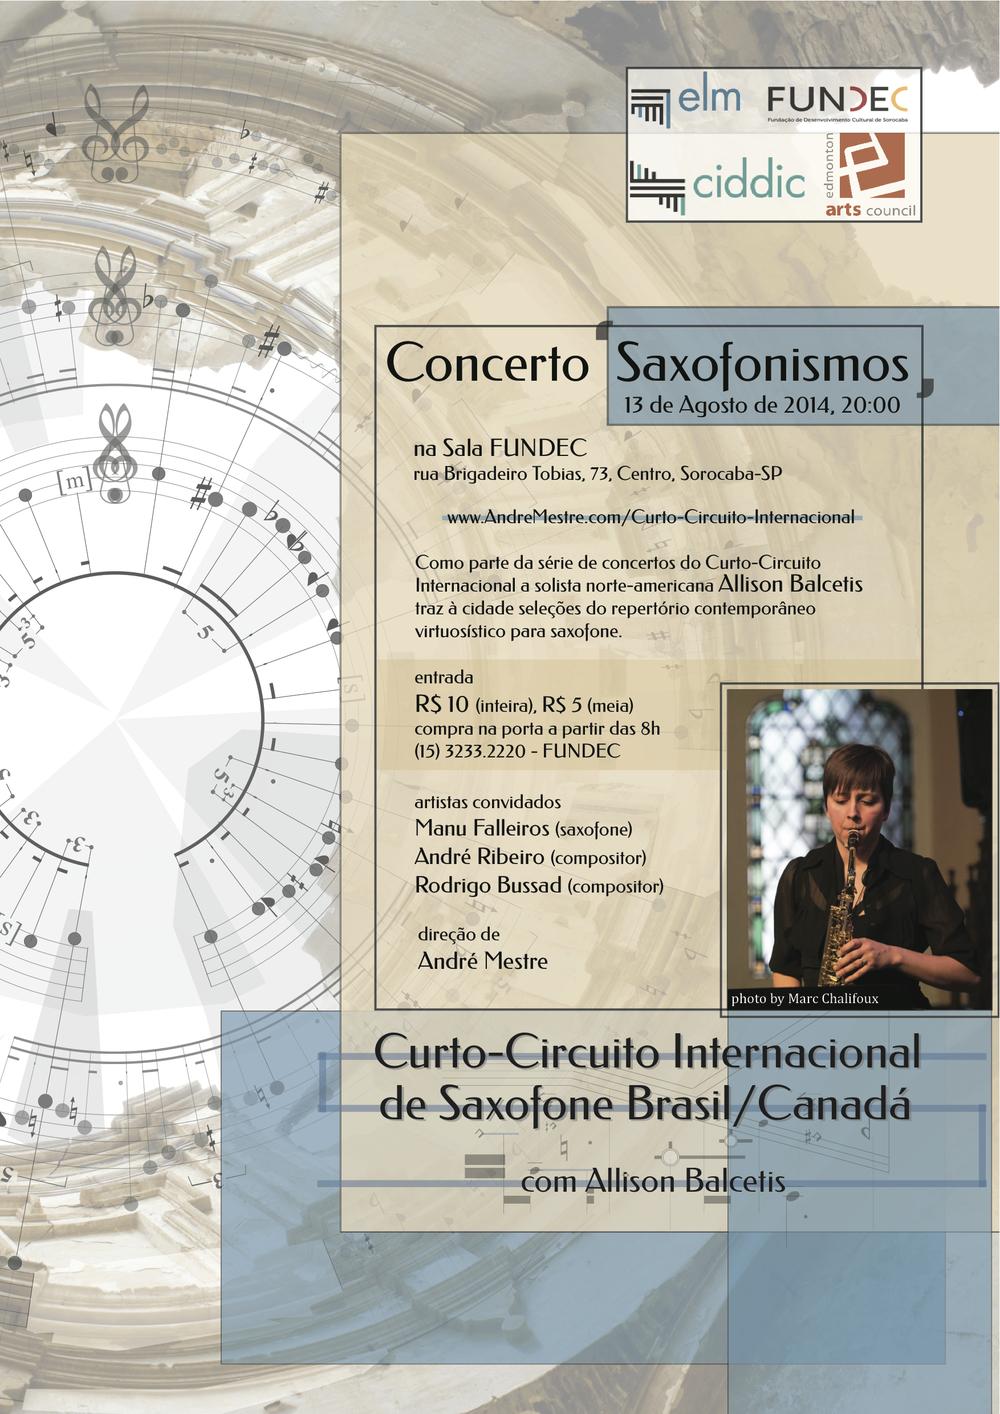 Poster - Concerto 'Saxofonismos'